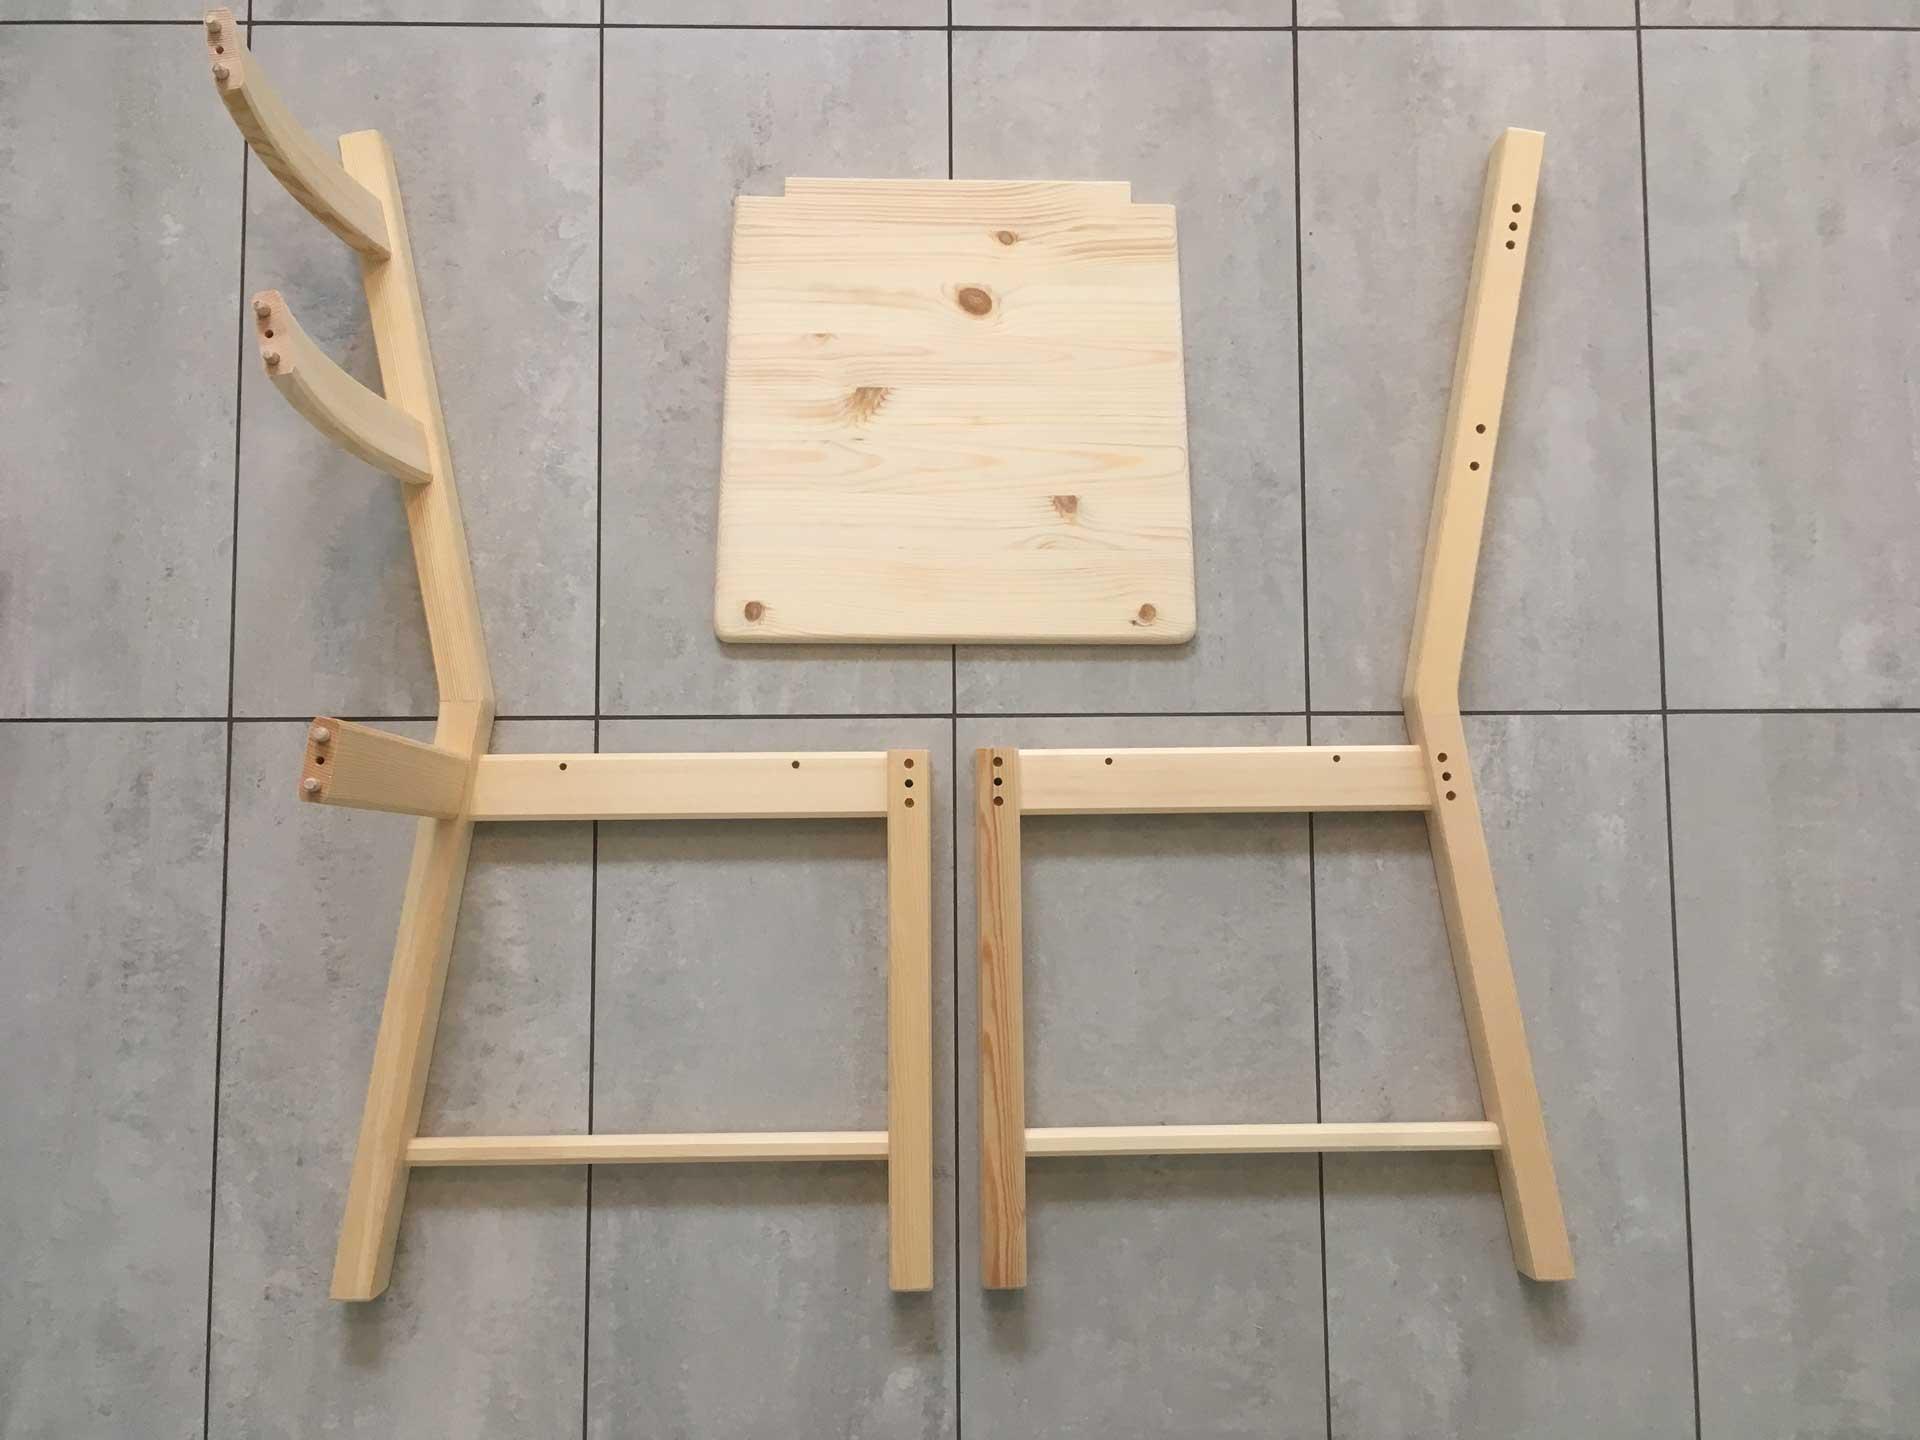 ikea hack ivar bekv m lernturm learning tower doc ruhrgestein. Black Bedroom Furniture Sets. Home Design Ideas